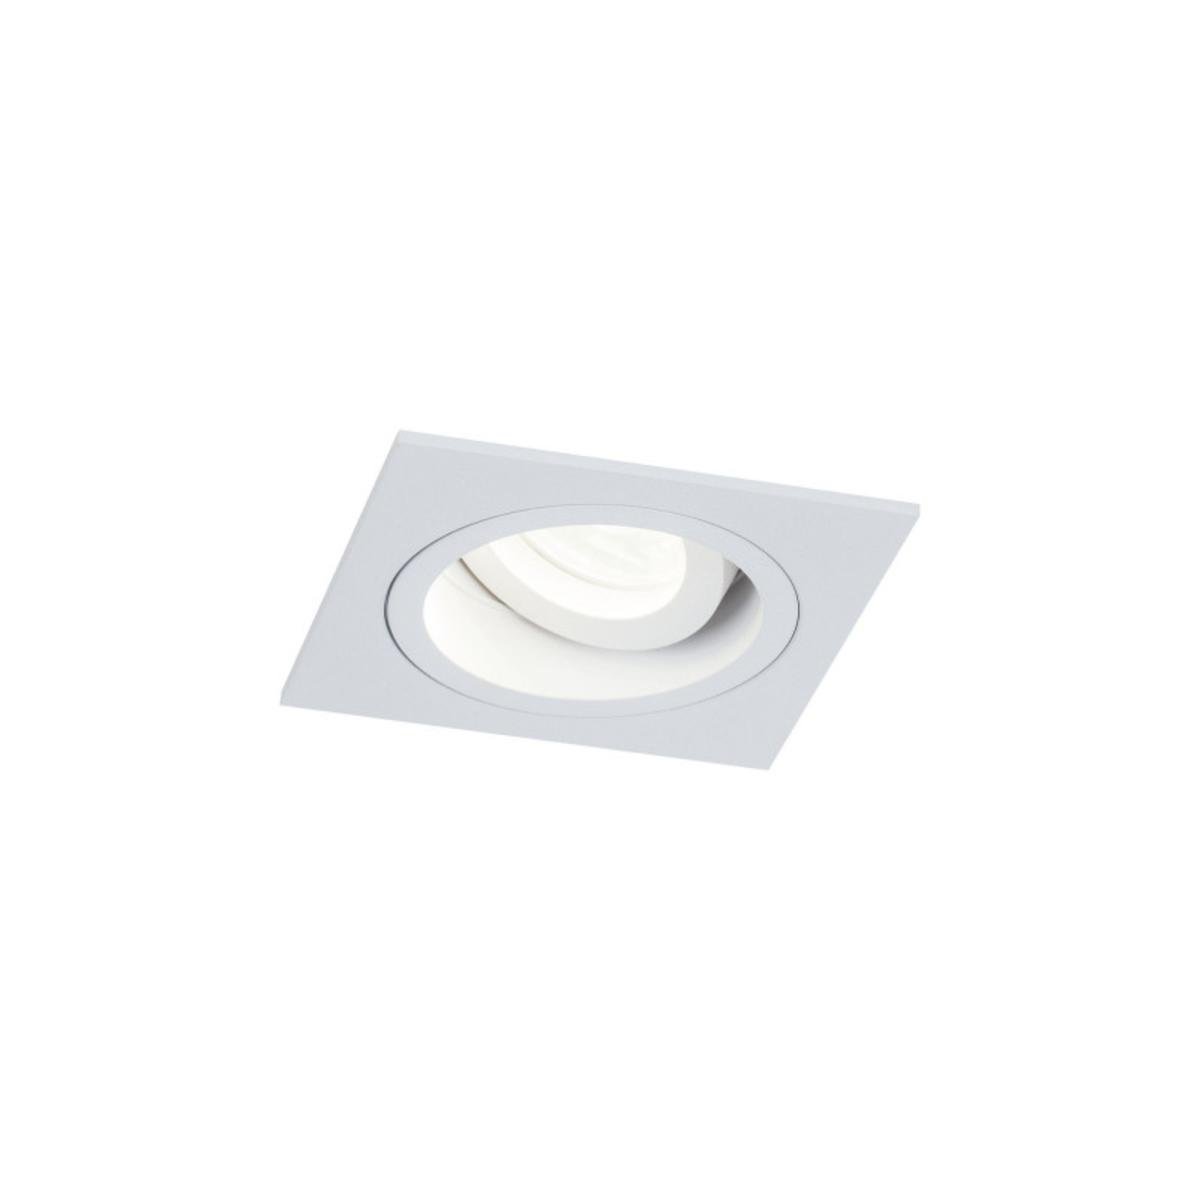 Купить Встраиваемый светильник Downlight+DL02 Встраиваемый светильник Maytoni DL026-2-01W (15805), HomeMe